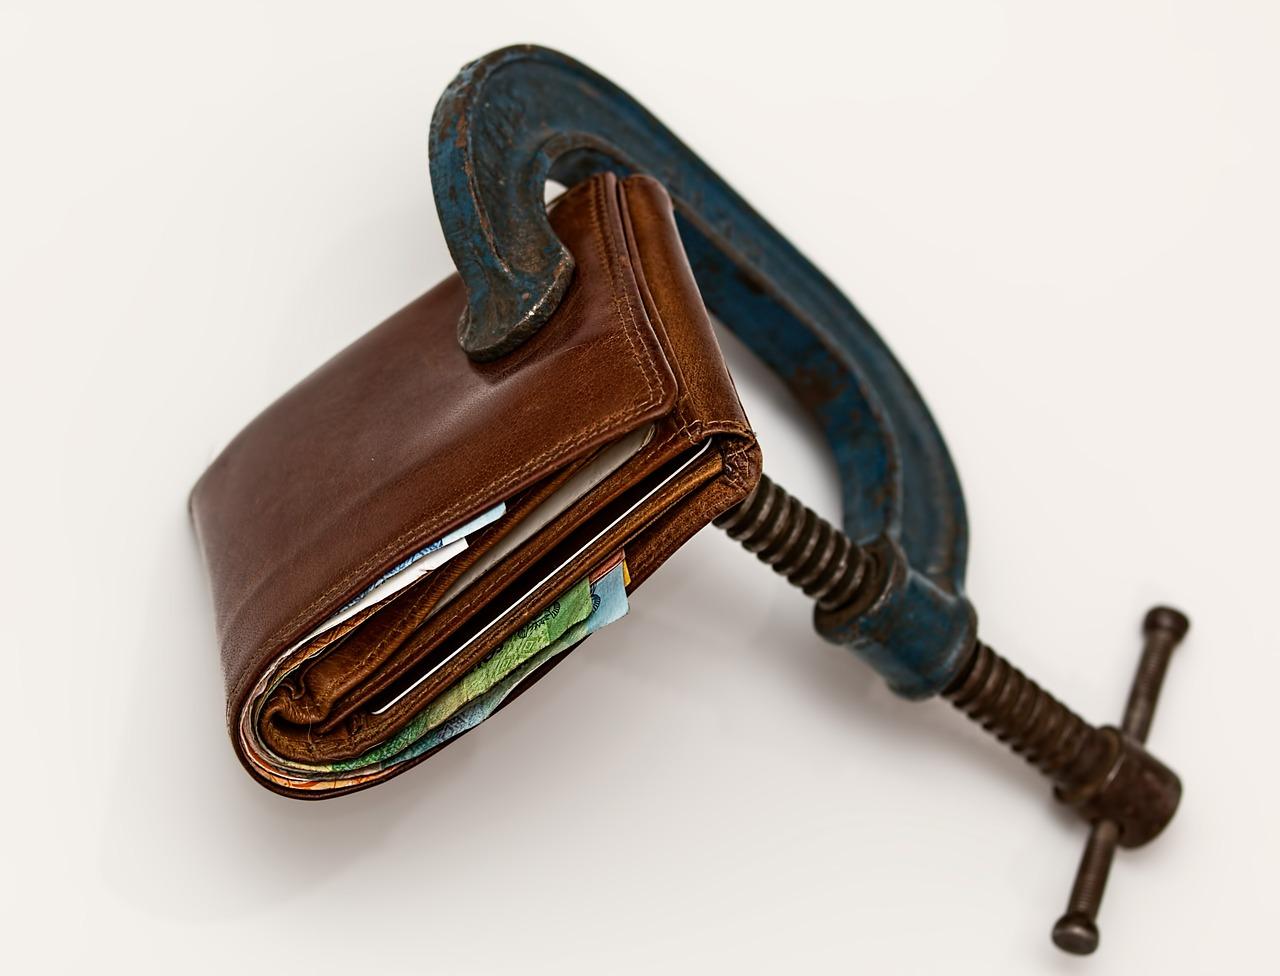 Nouveau record pour la dette privée en France